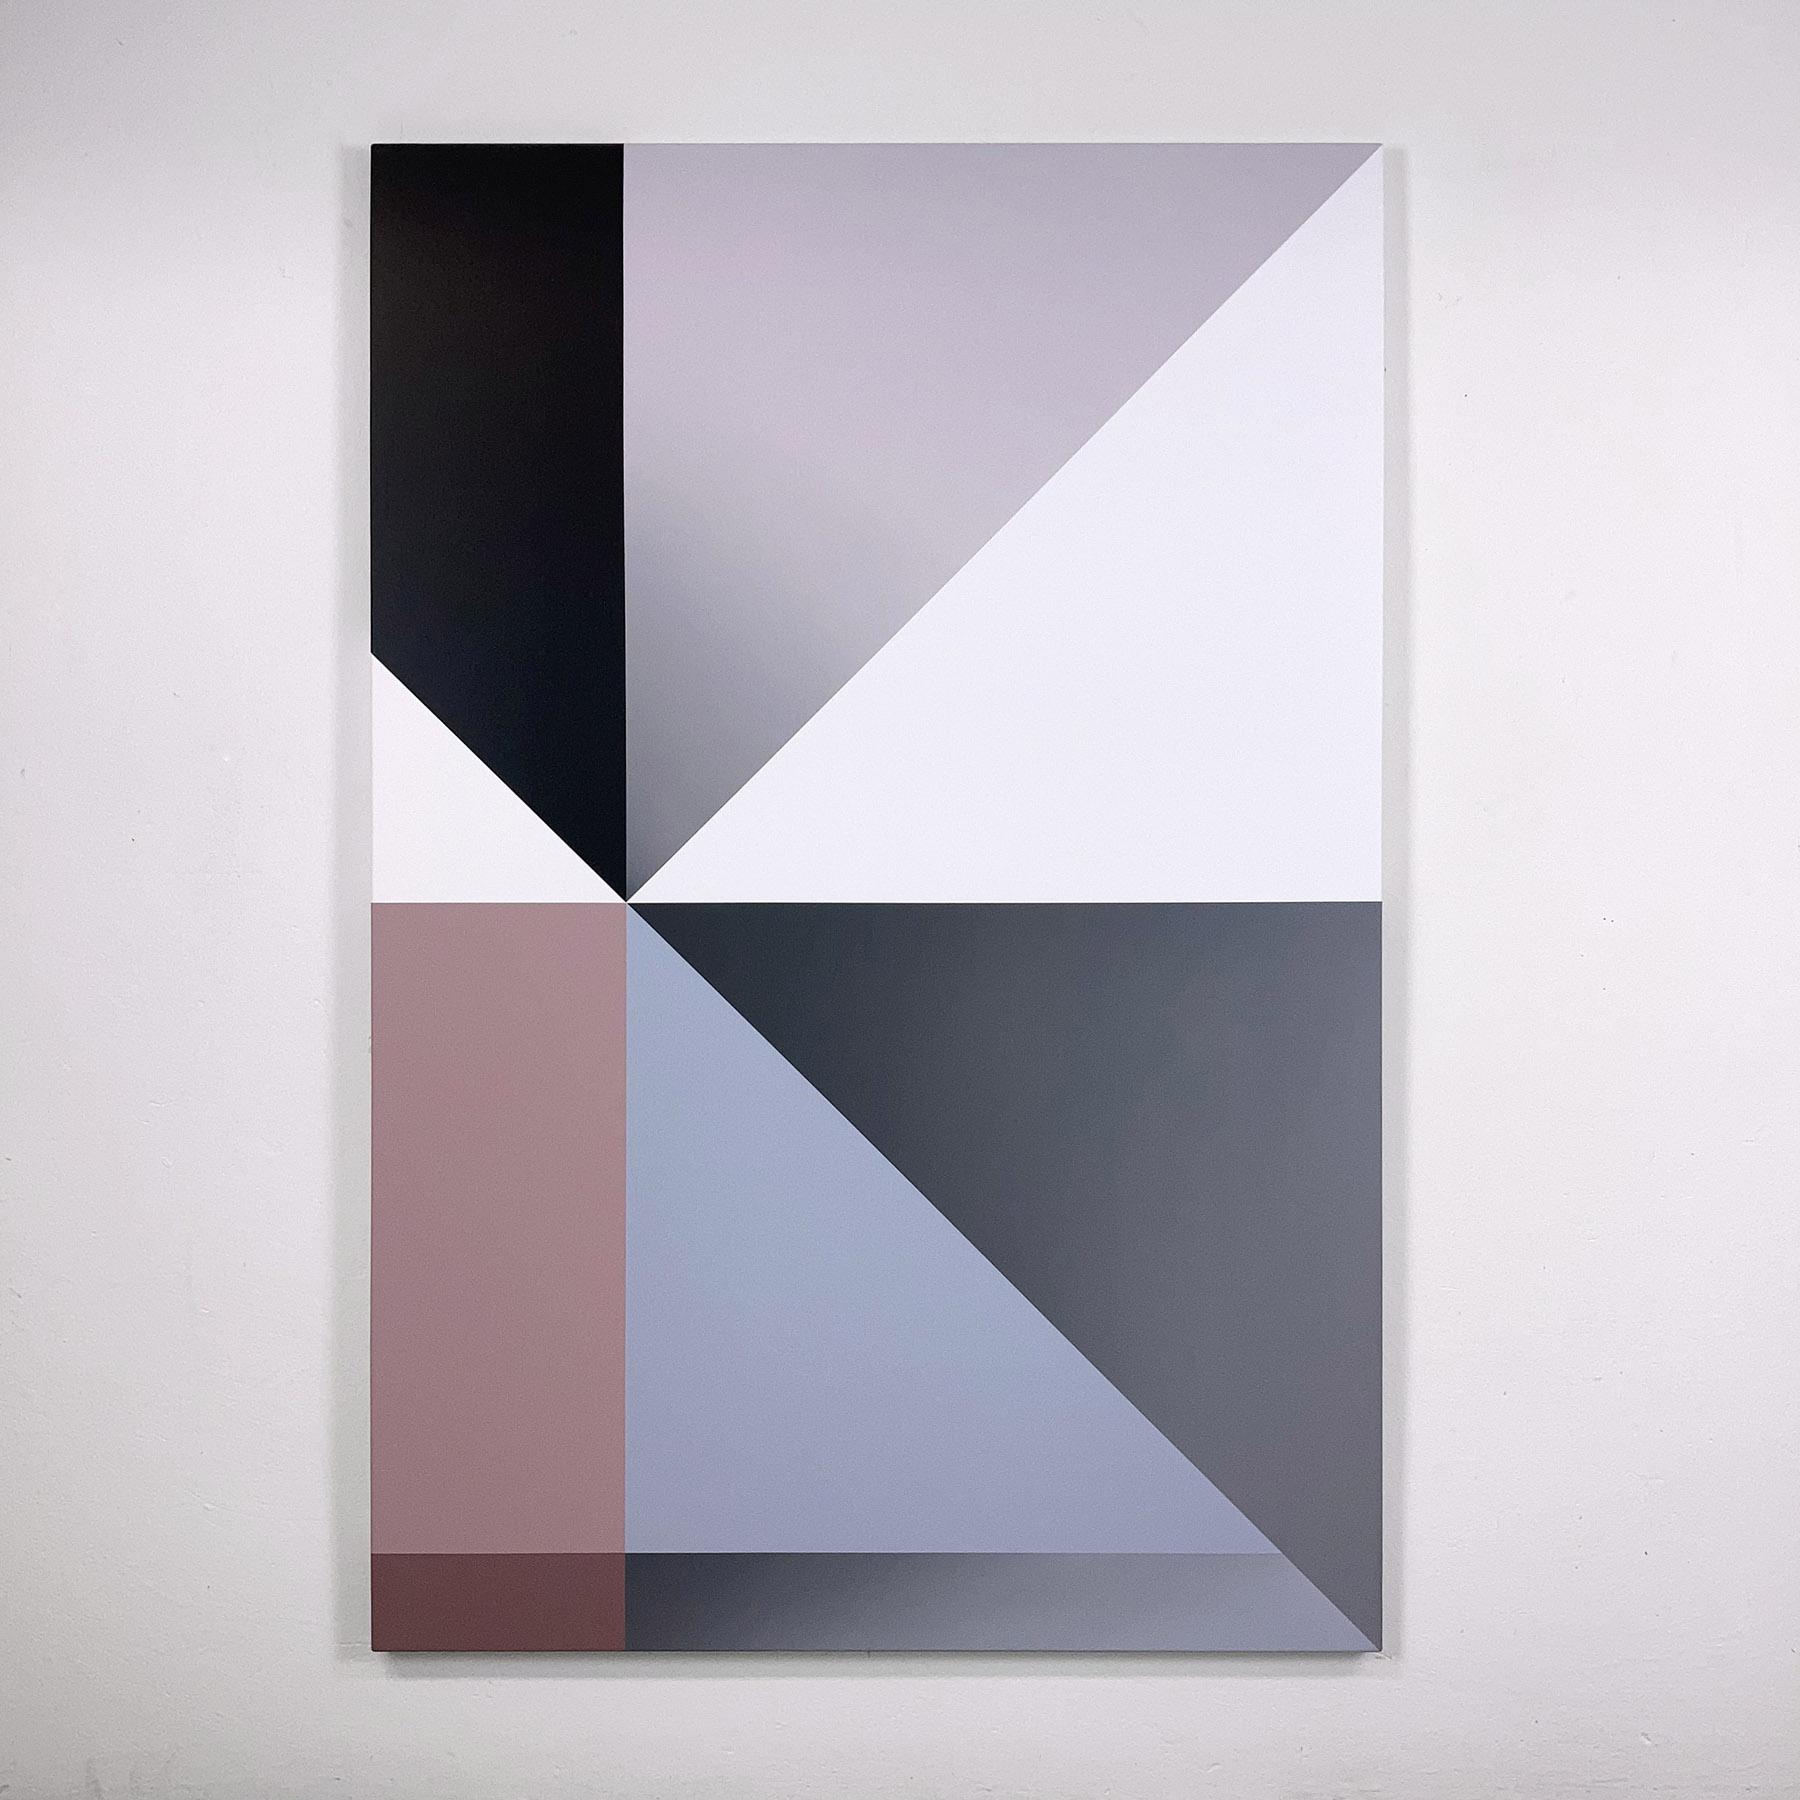 acrylic on canvas, 150 x 100 cm